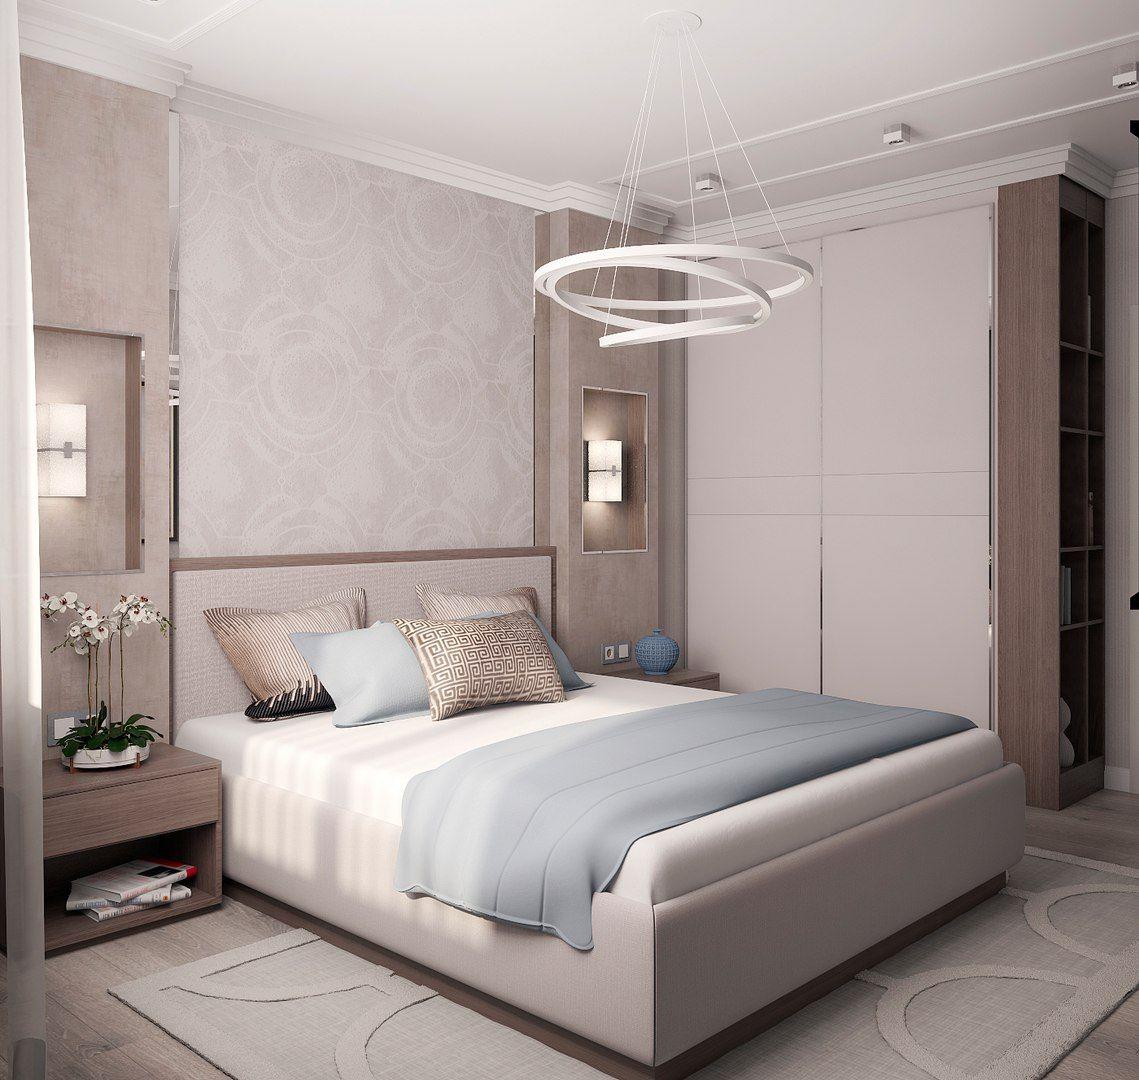 Дизайн проект маленькой квартиры в стиле модерн в г: Дизайн однокомнатной квартиры в современном стиле